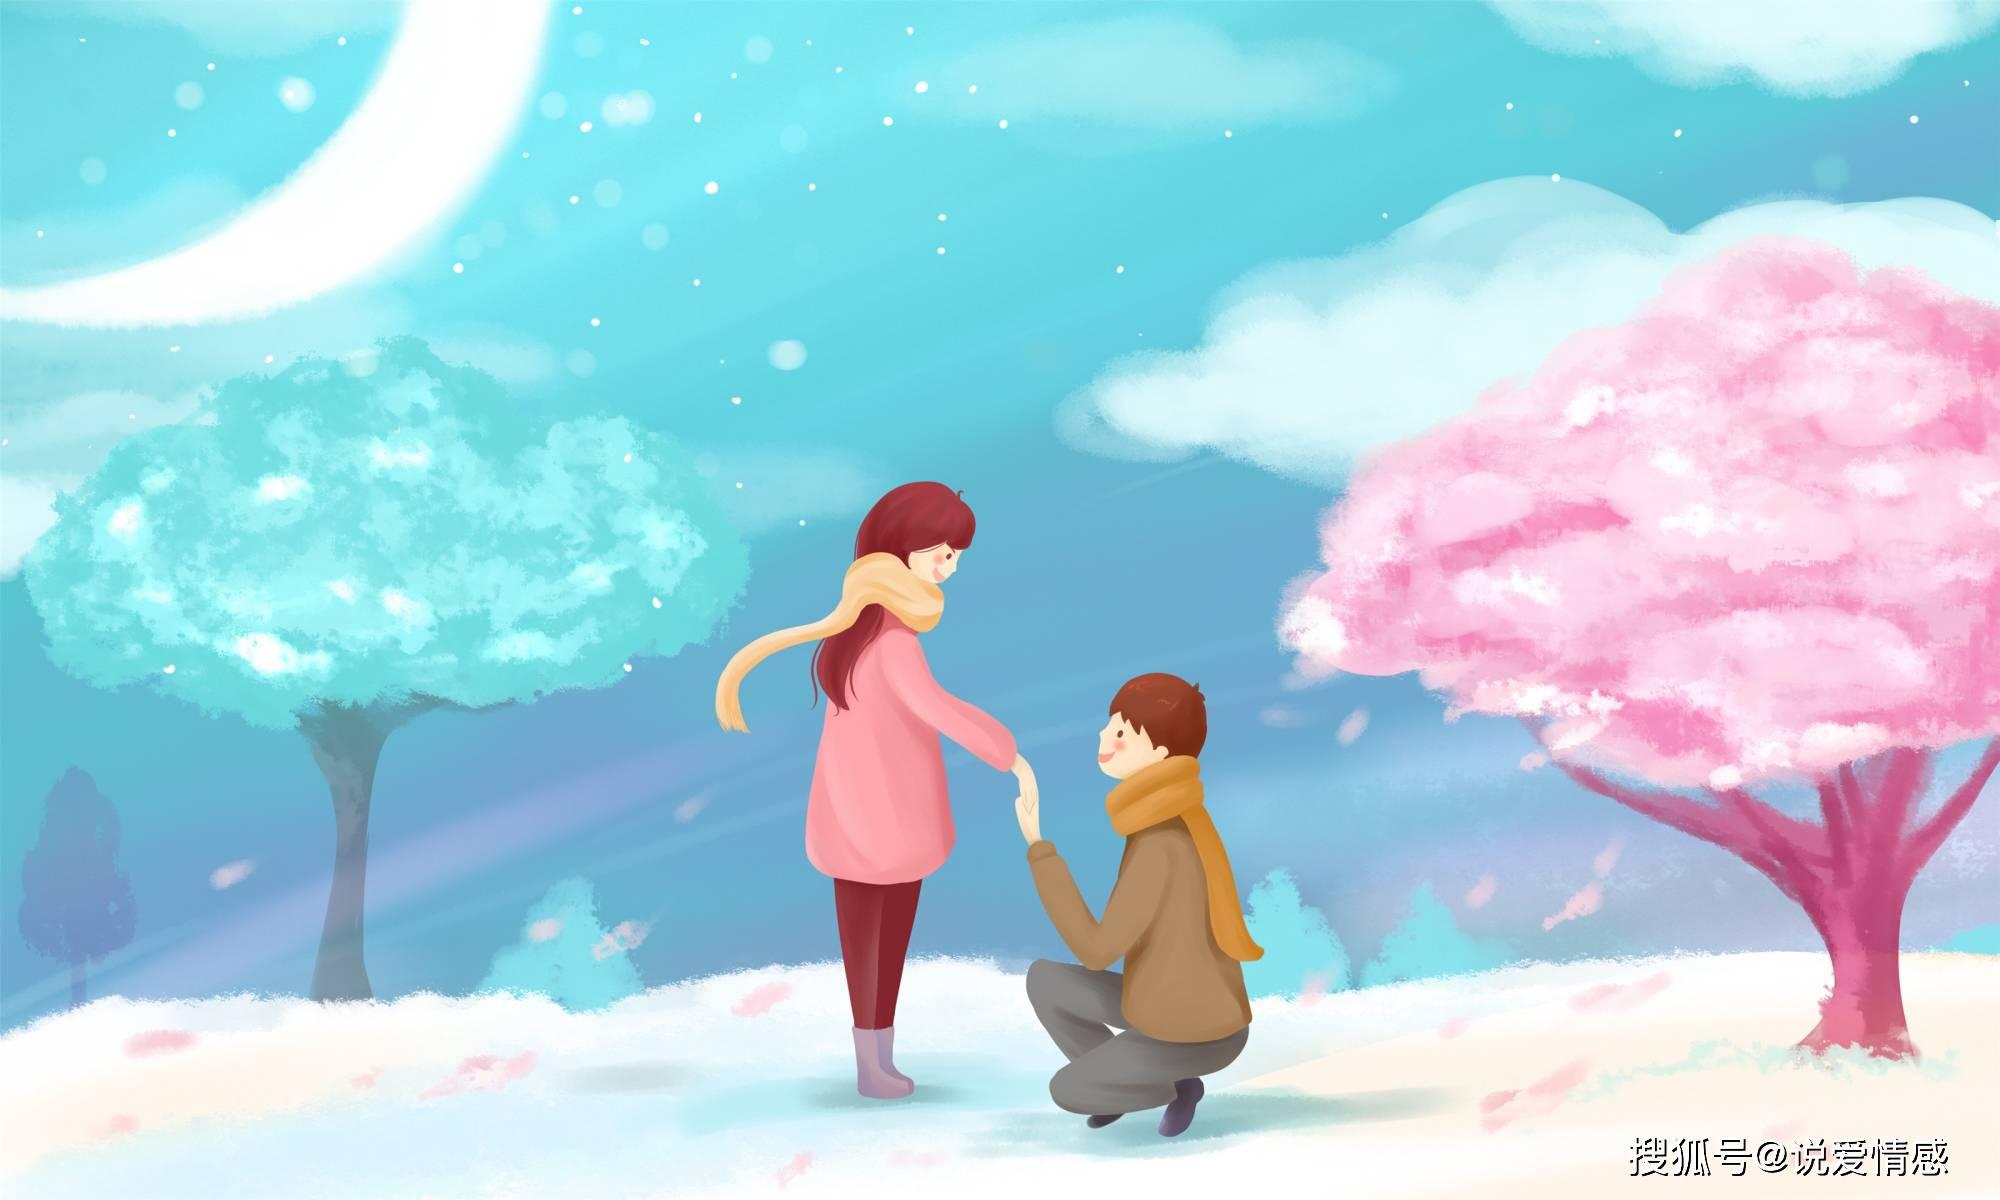 男人对你产生情感依赖 男生内心依赖一个女生